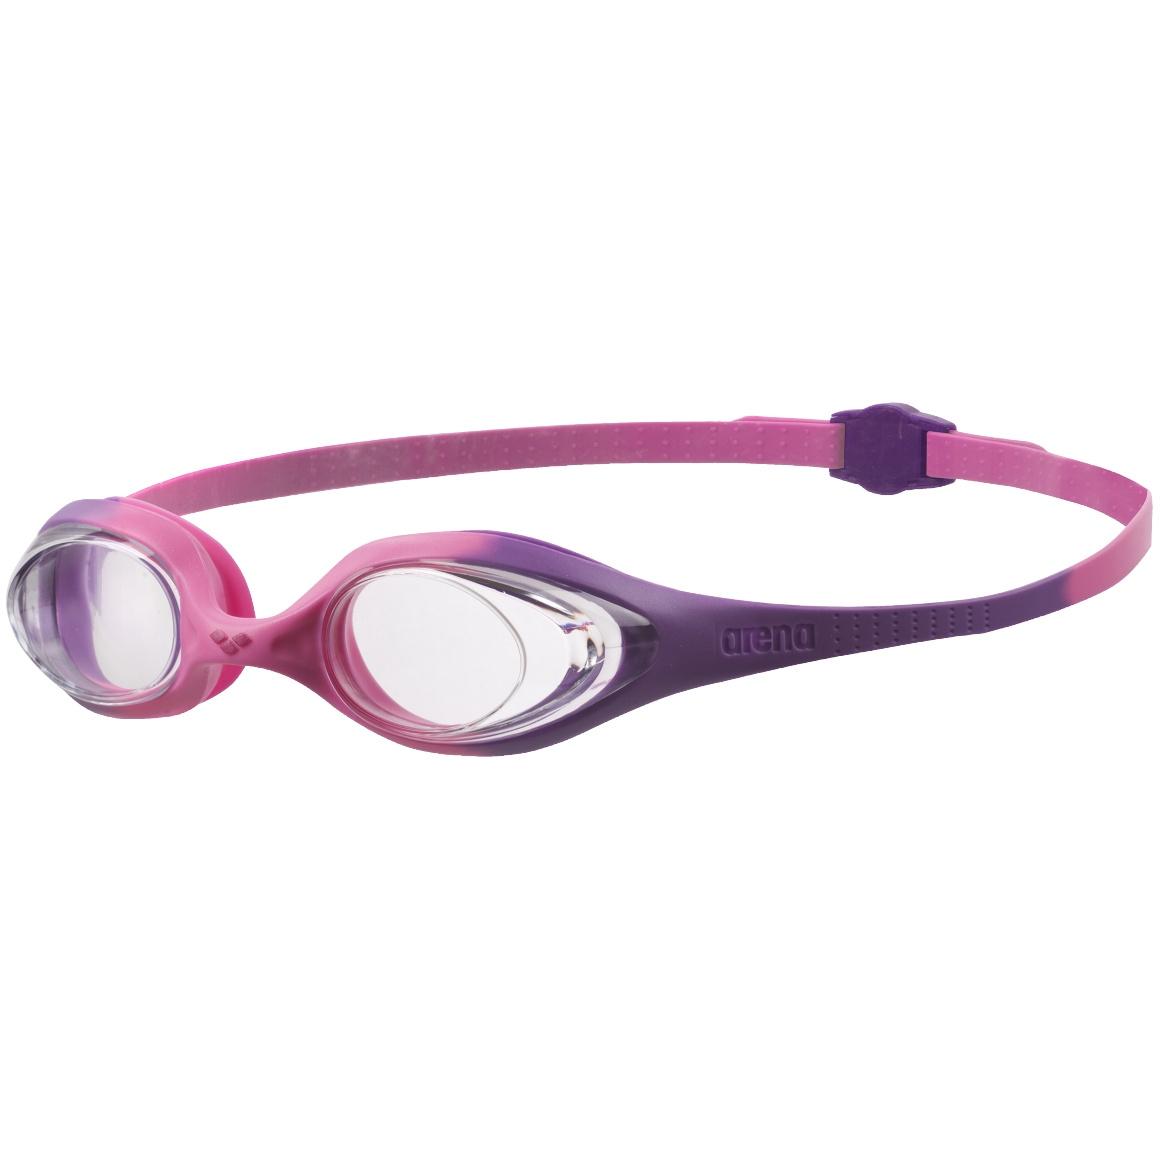 Produktbild von arena Spider JR Kinder Schwimmbrille - violet-clear-pink